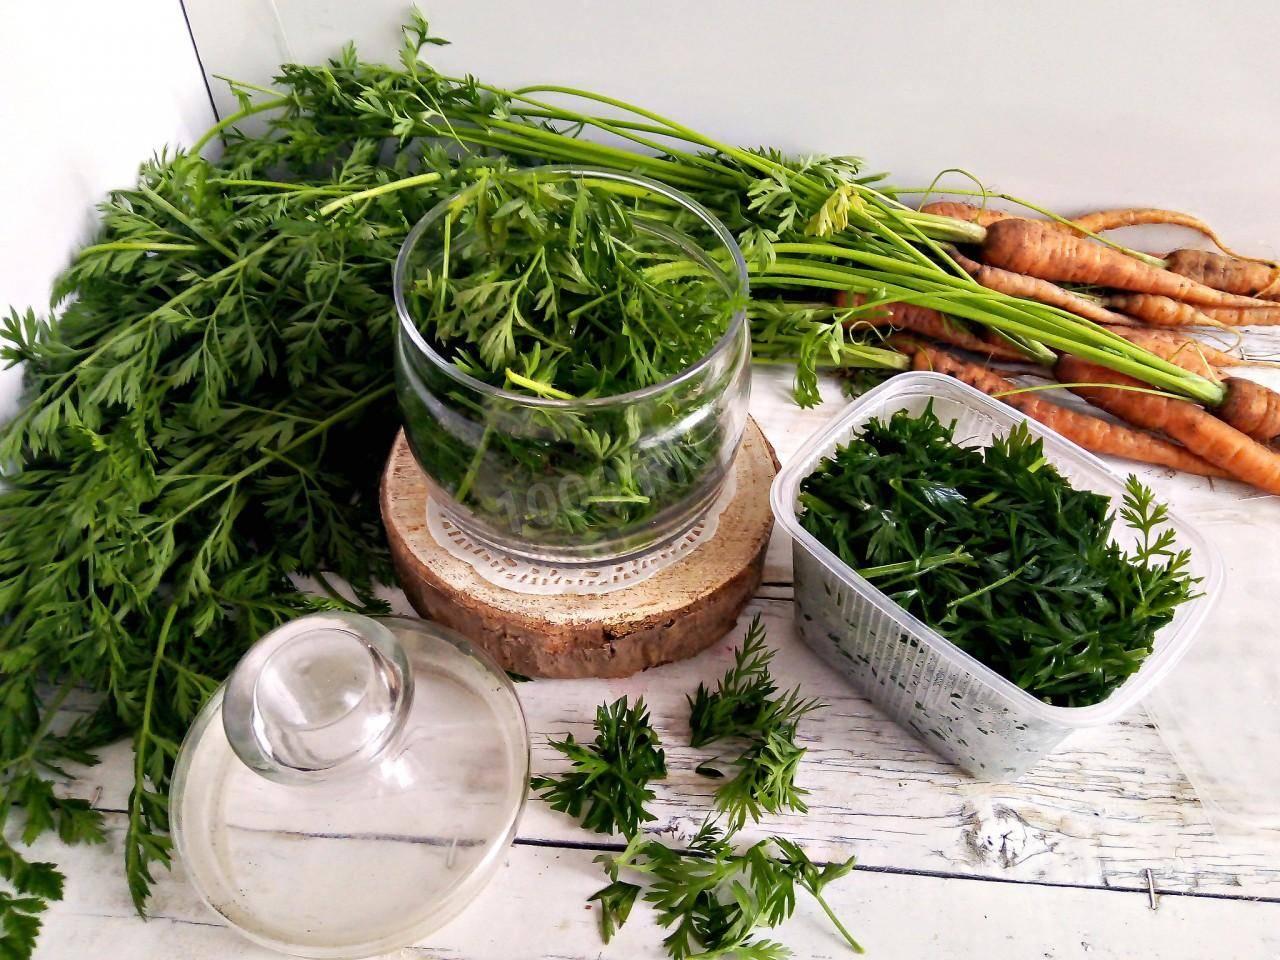 4 лучших пошаговых рецепта заготовок морковной ботвы на зиму